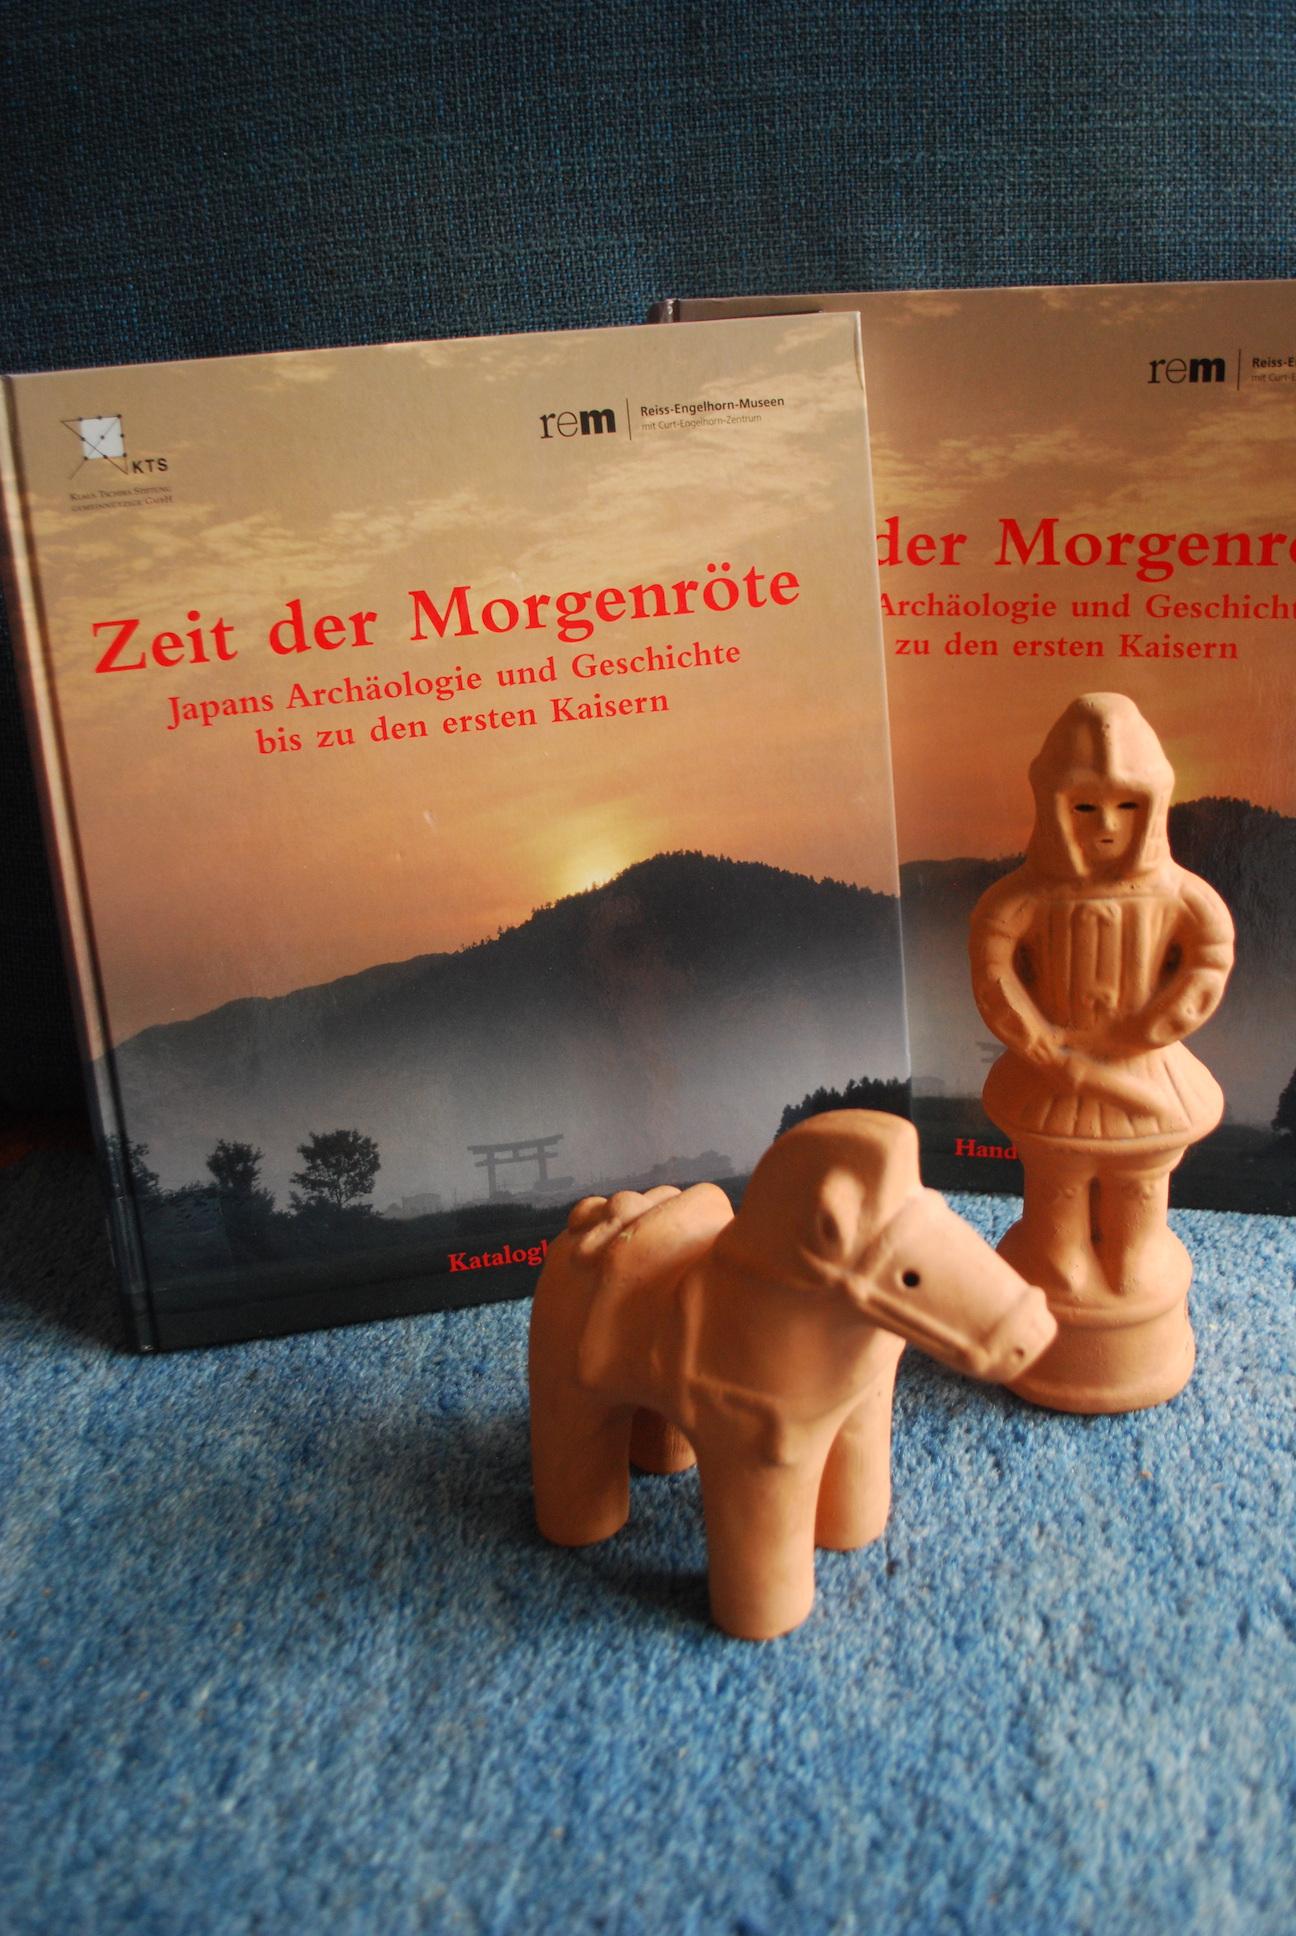 """Haniwa-Figuren vor Katalog und Handbuch """"Zeit der Morgenröte"""""""